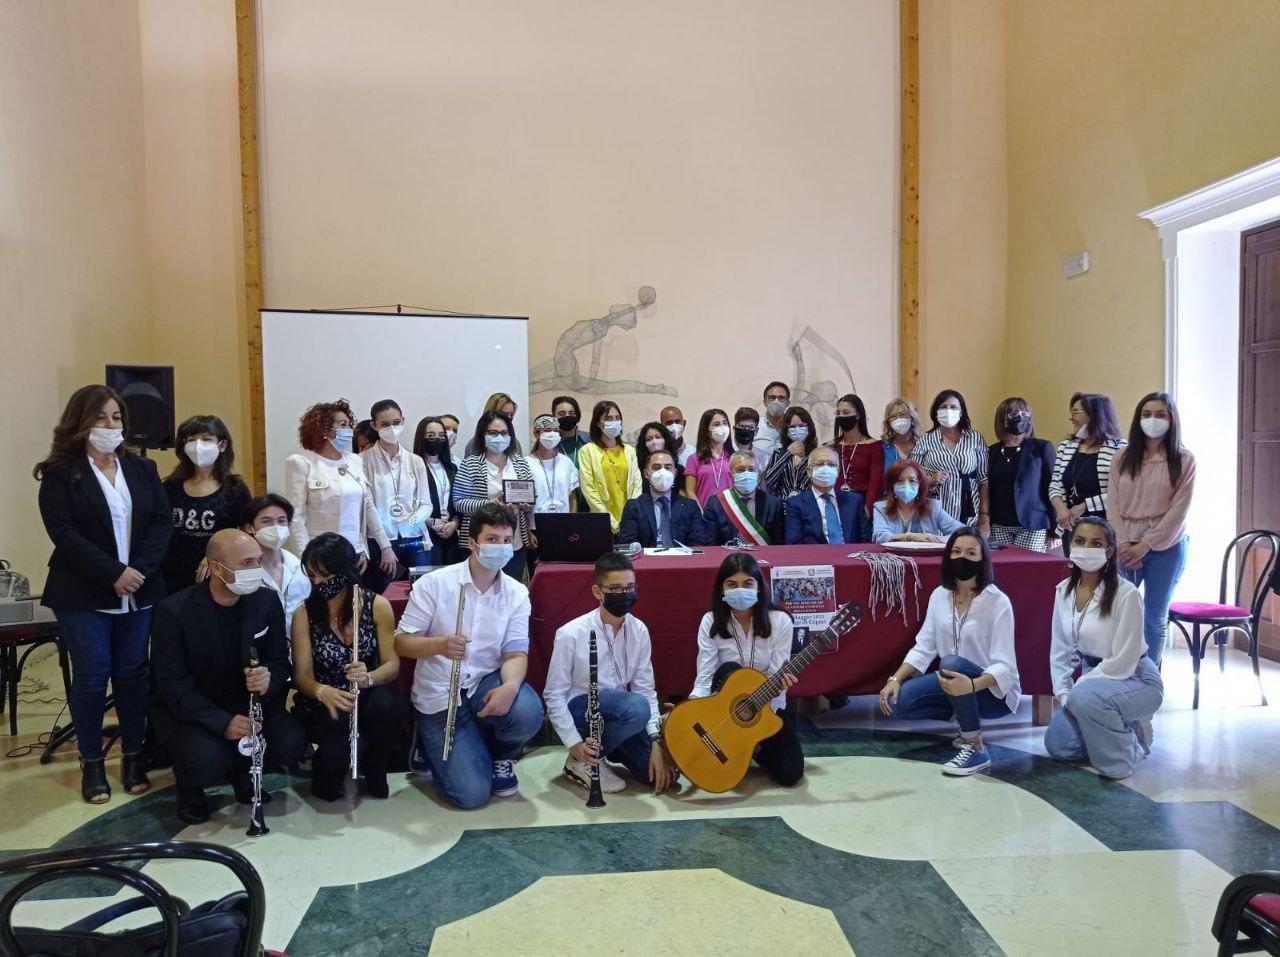 Foto di gruppo dei partecipanti all'evento